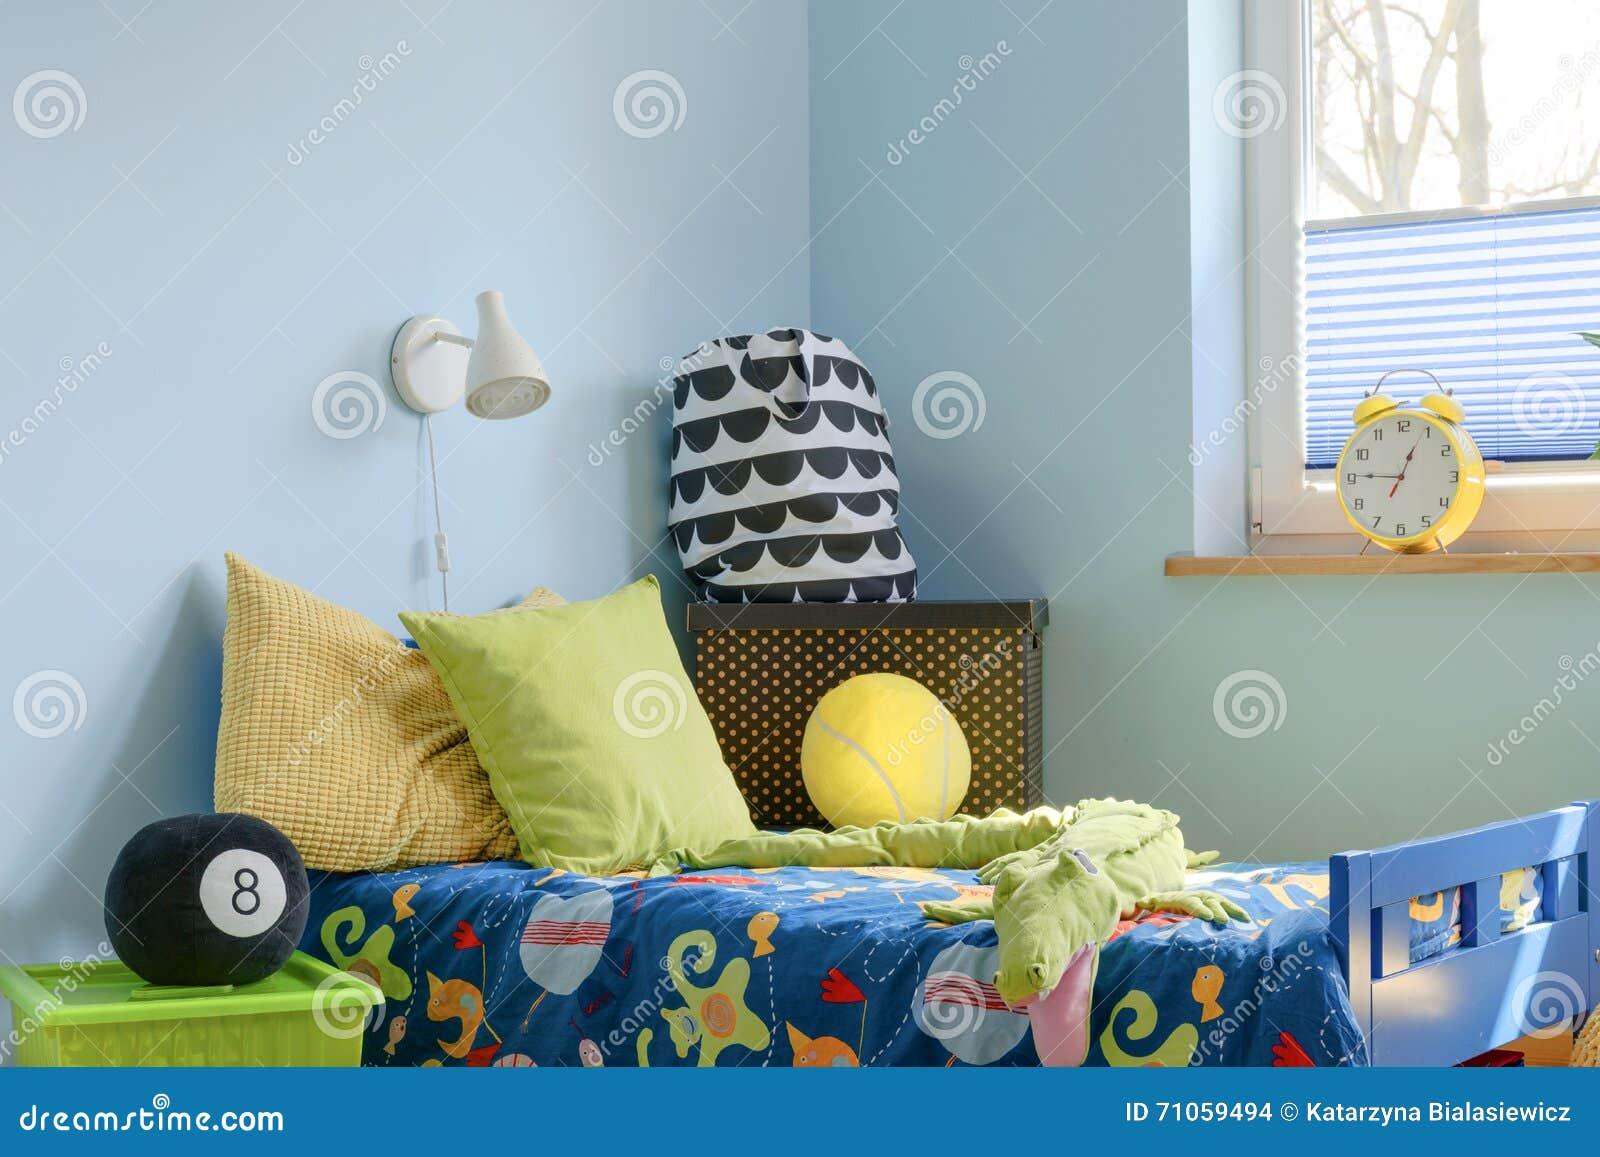 Angolo Del Letto : Invito dangolo del letto per avere un resto fotografia stock